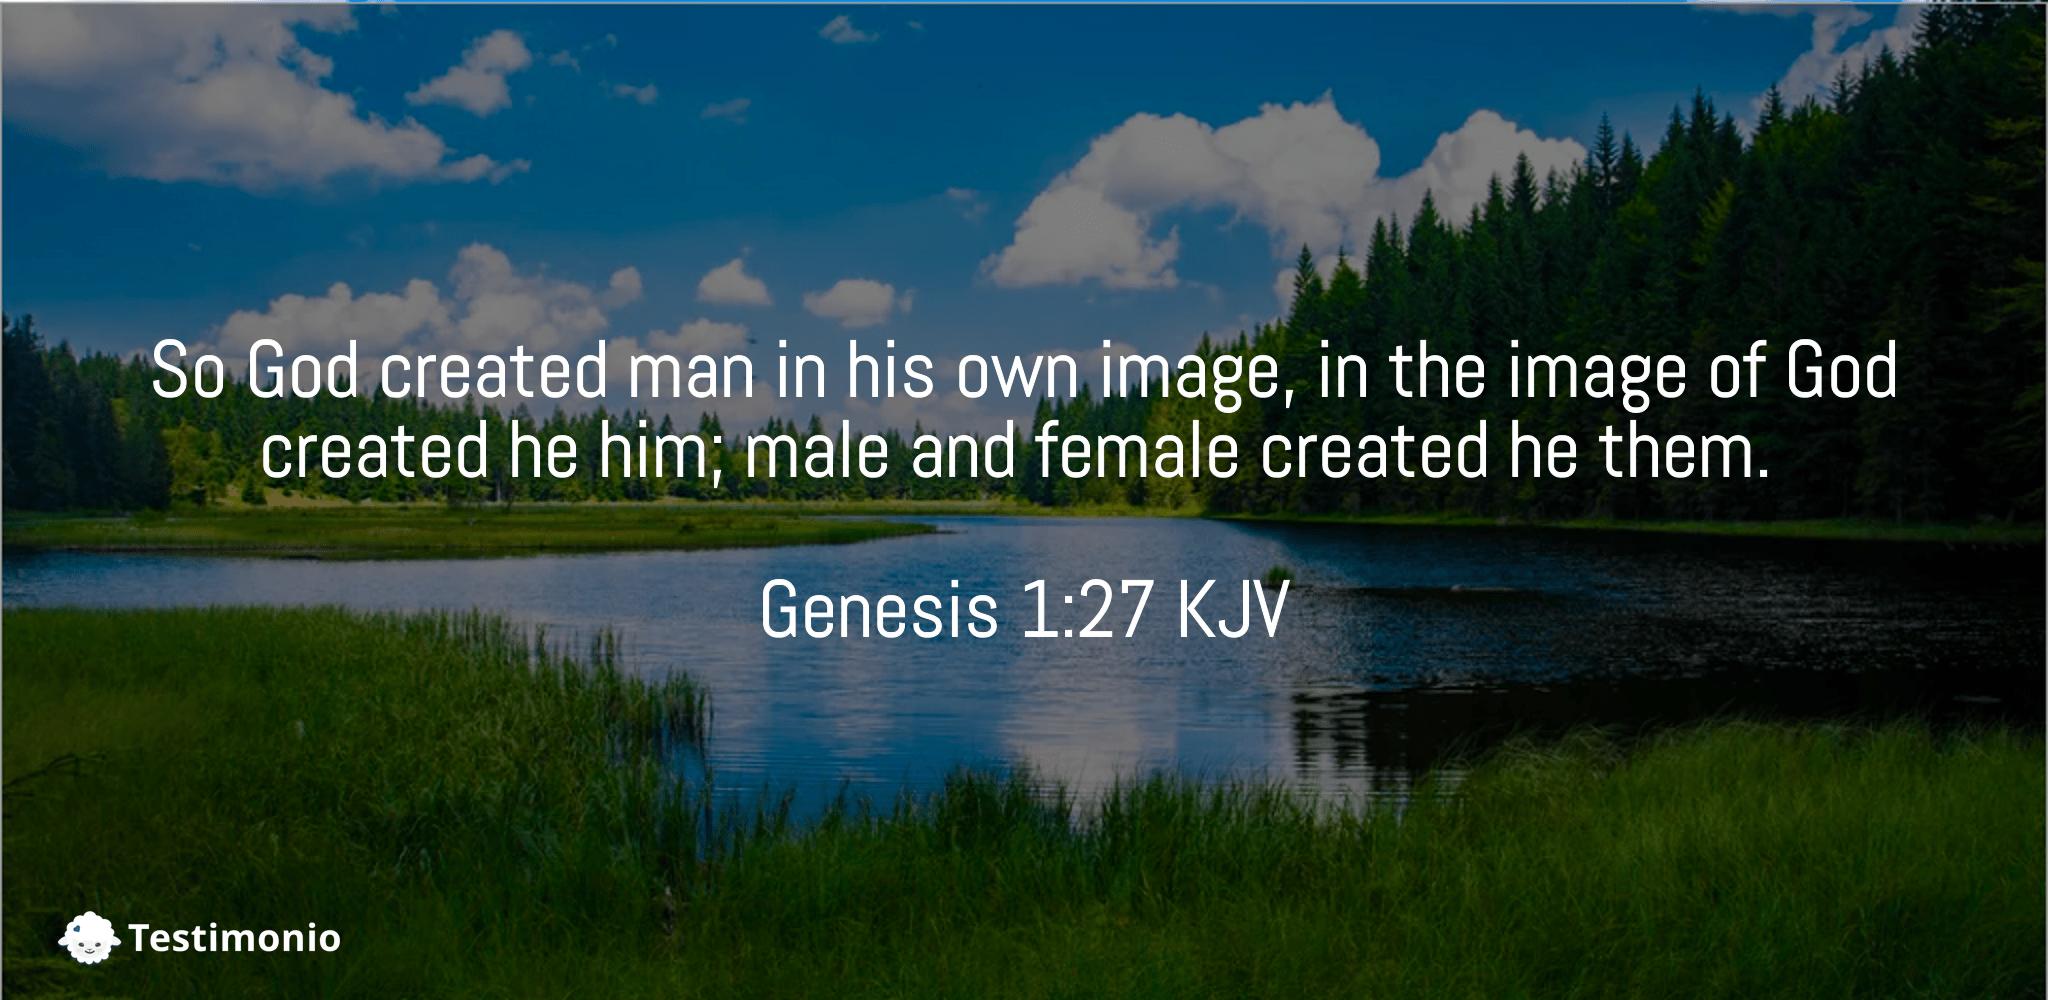 Genesis 1:27